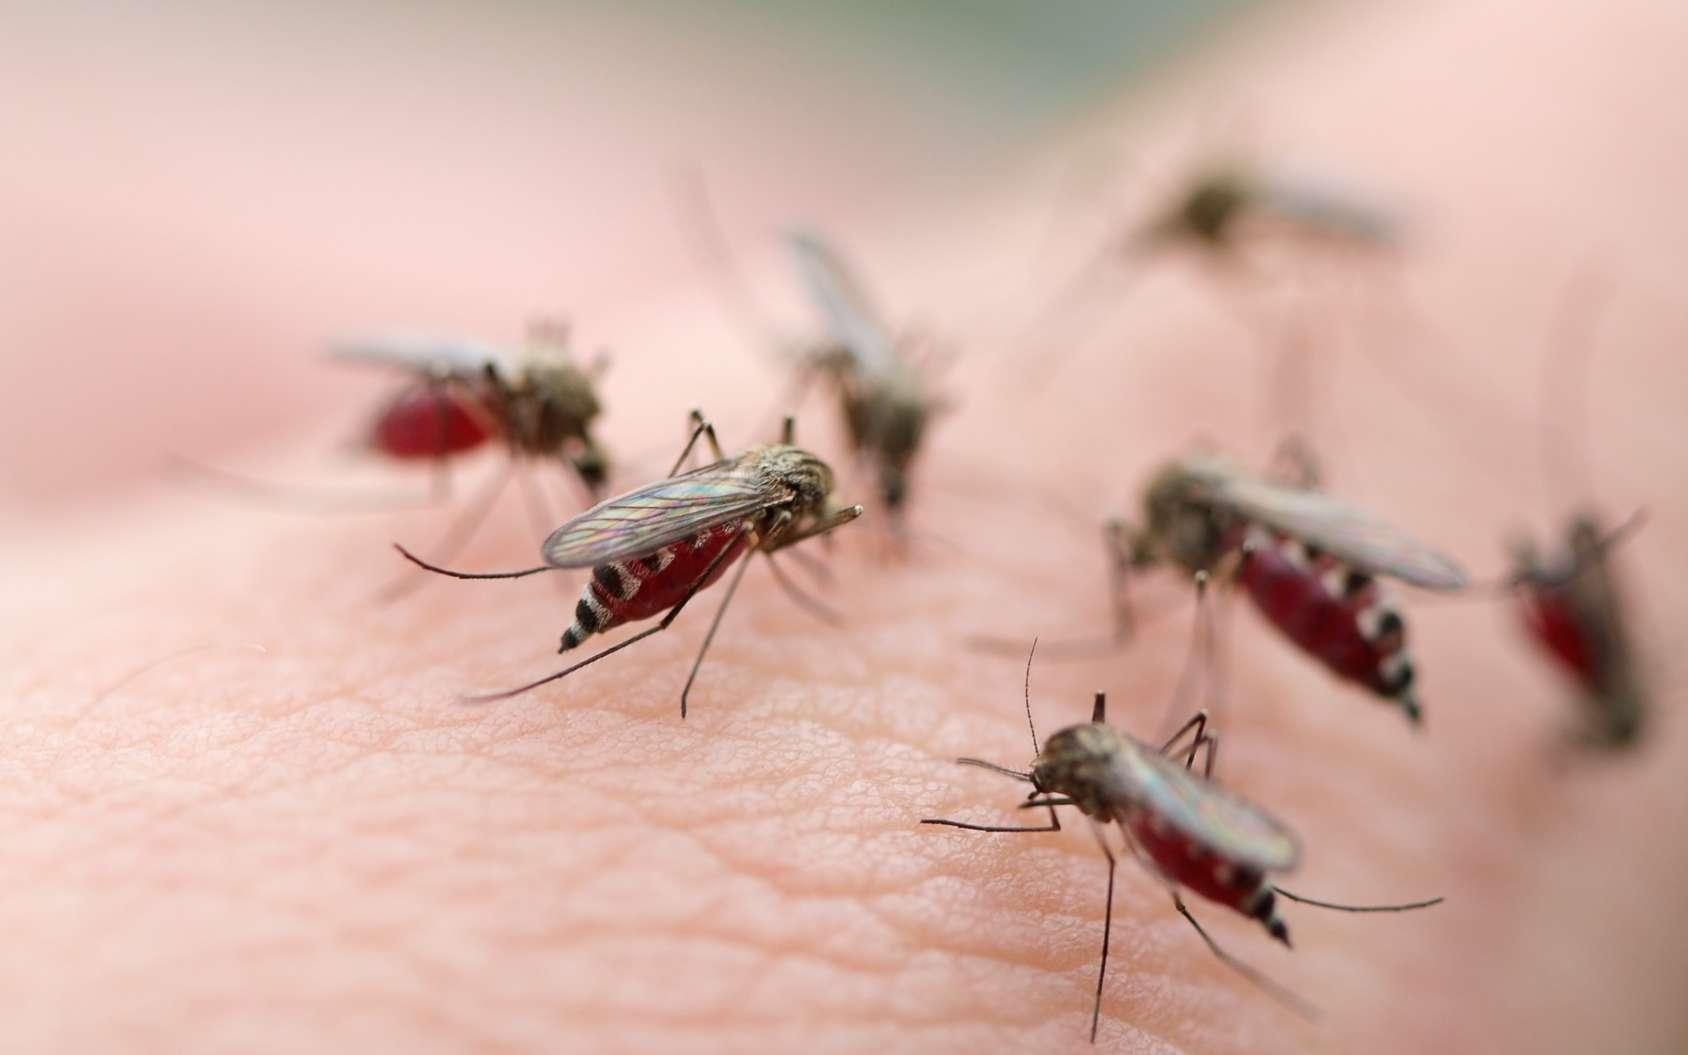 De nombreux moustiques piquent la peau d'un homme ©Fotolia